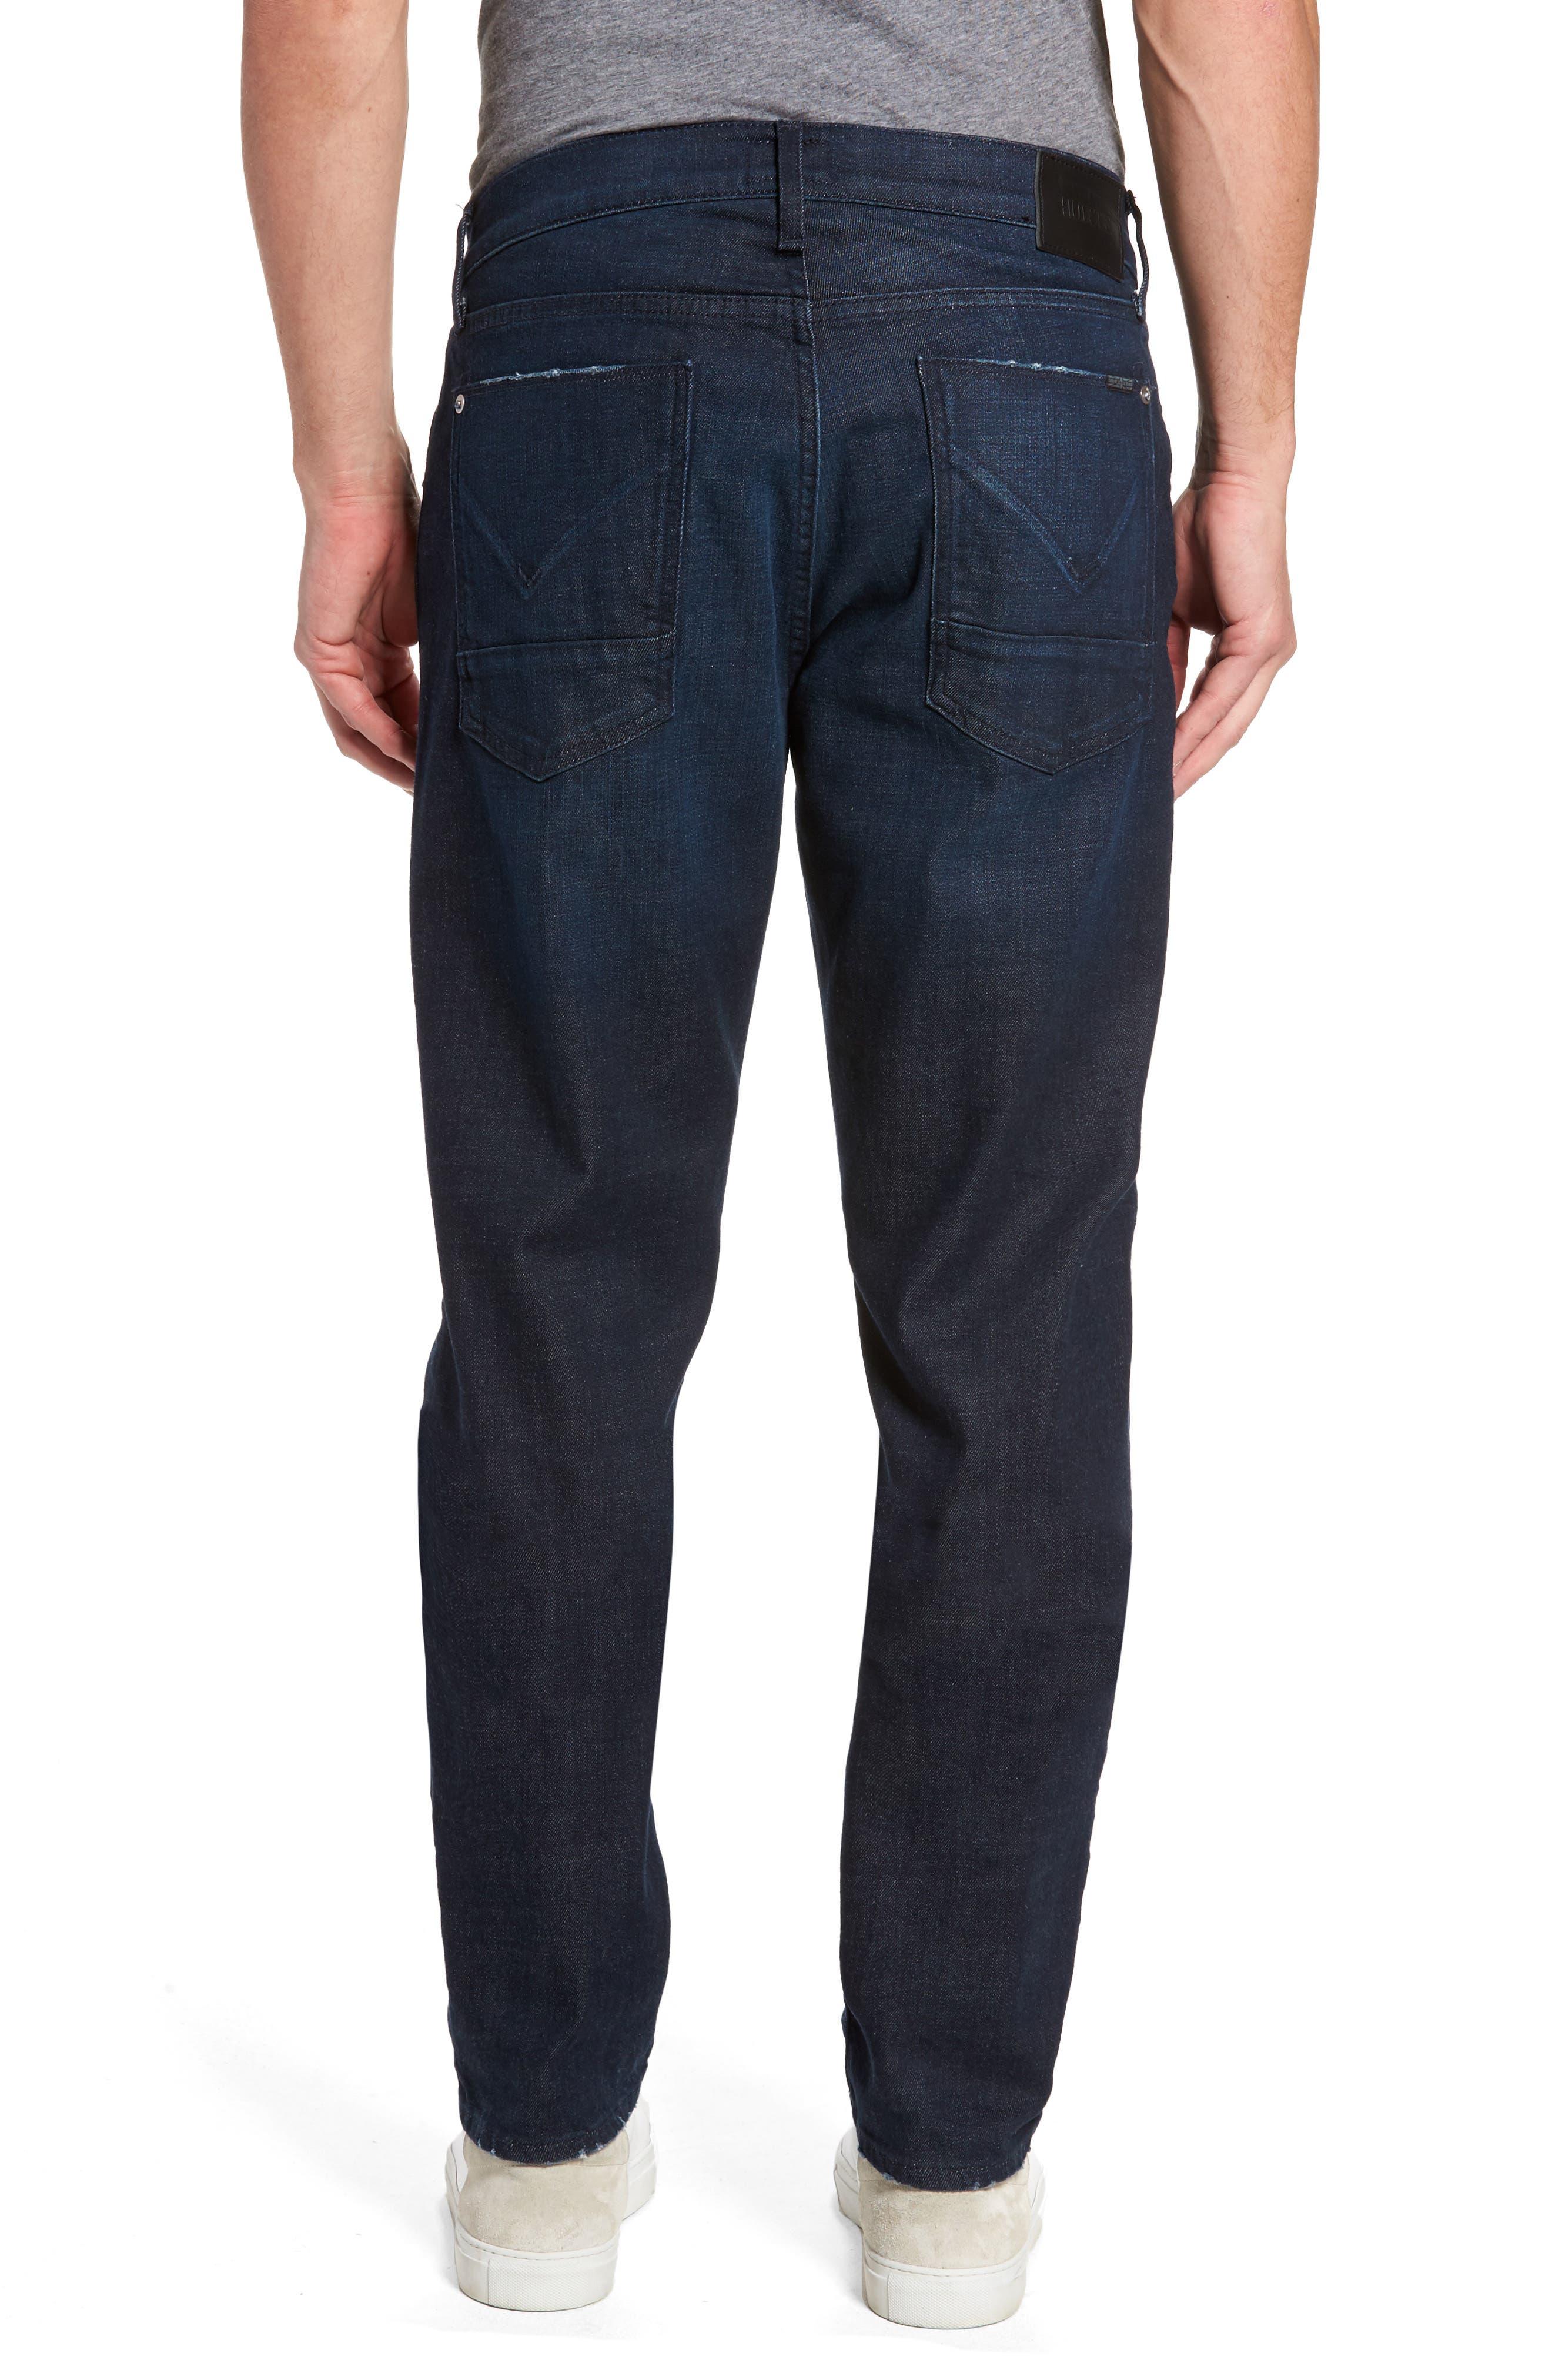 Blake Slim Fit Jeans,                             Alternate thumbnail 2, color,                             EVENING HUSH